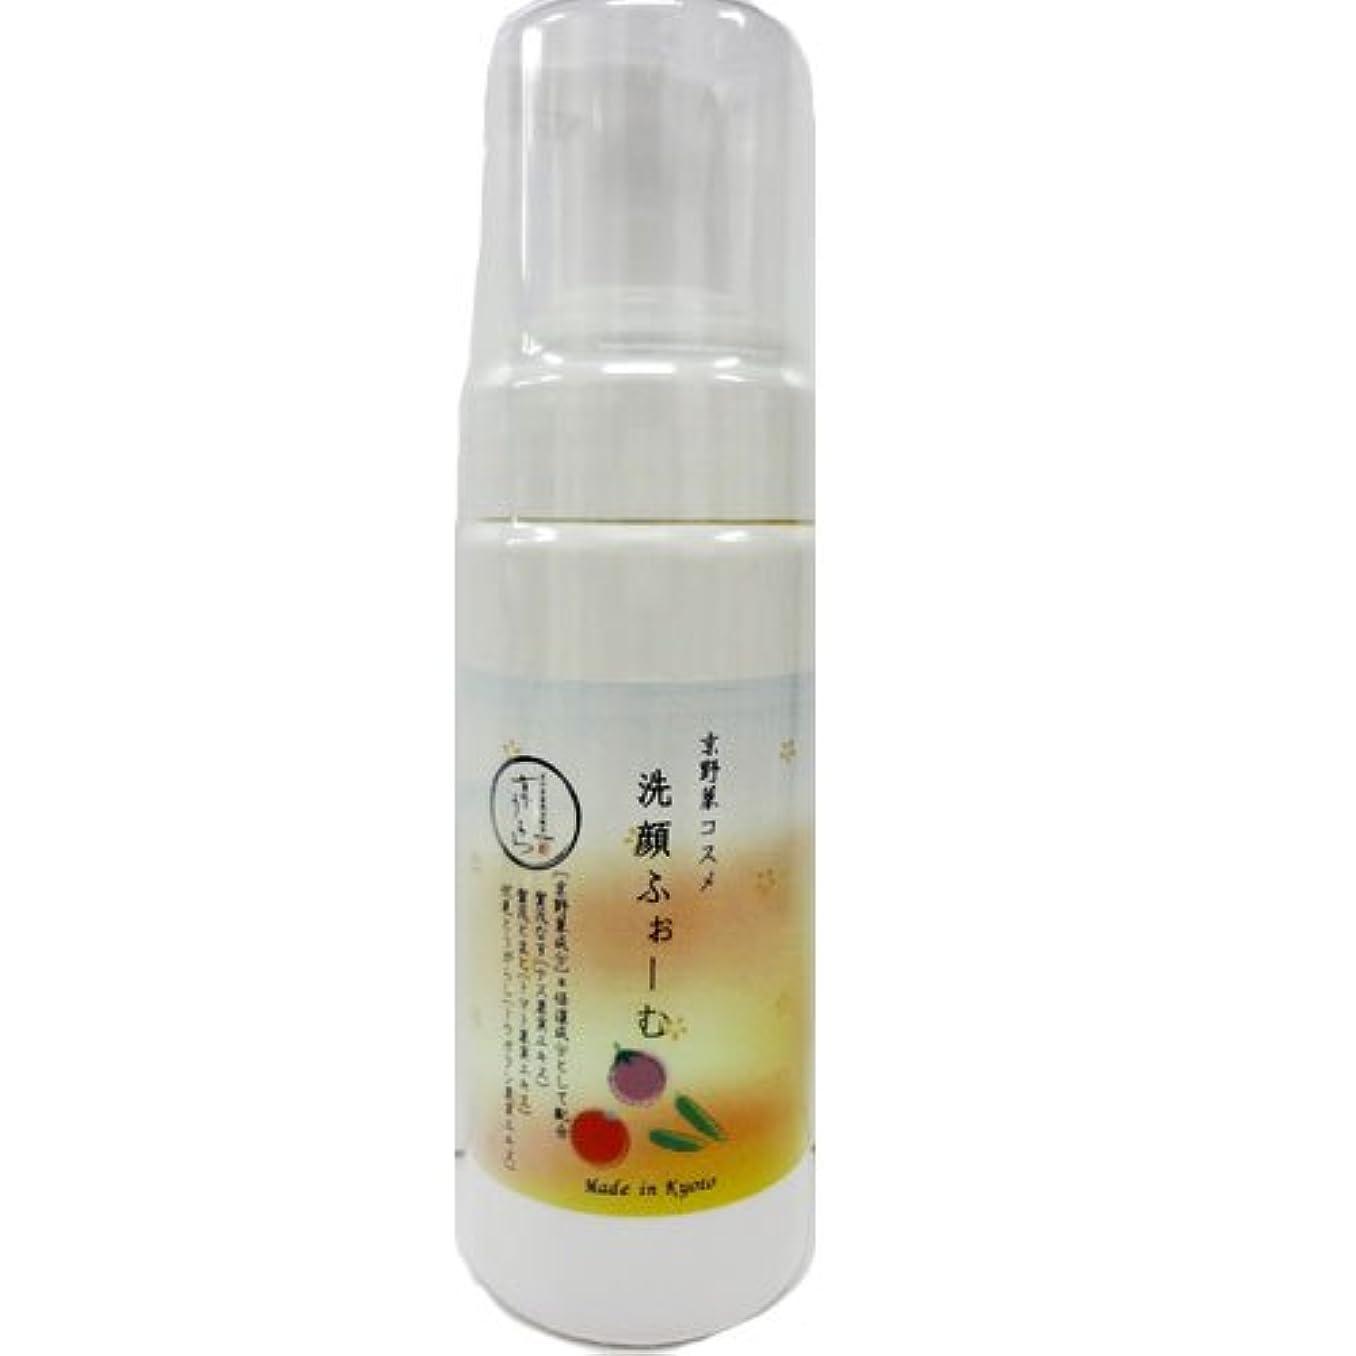 世界的にピラミッドめんどり京うらら 京野菜 京のうるおう洗顔フォーム 150ml